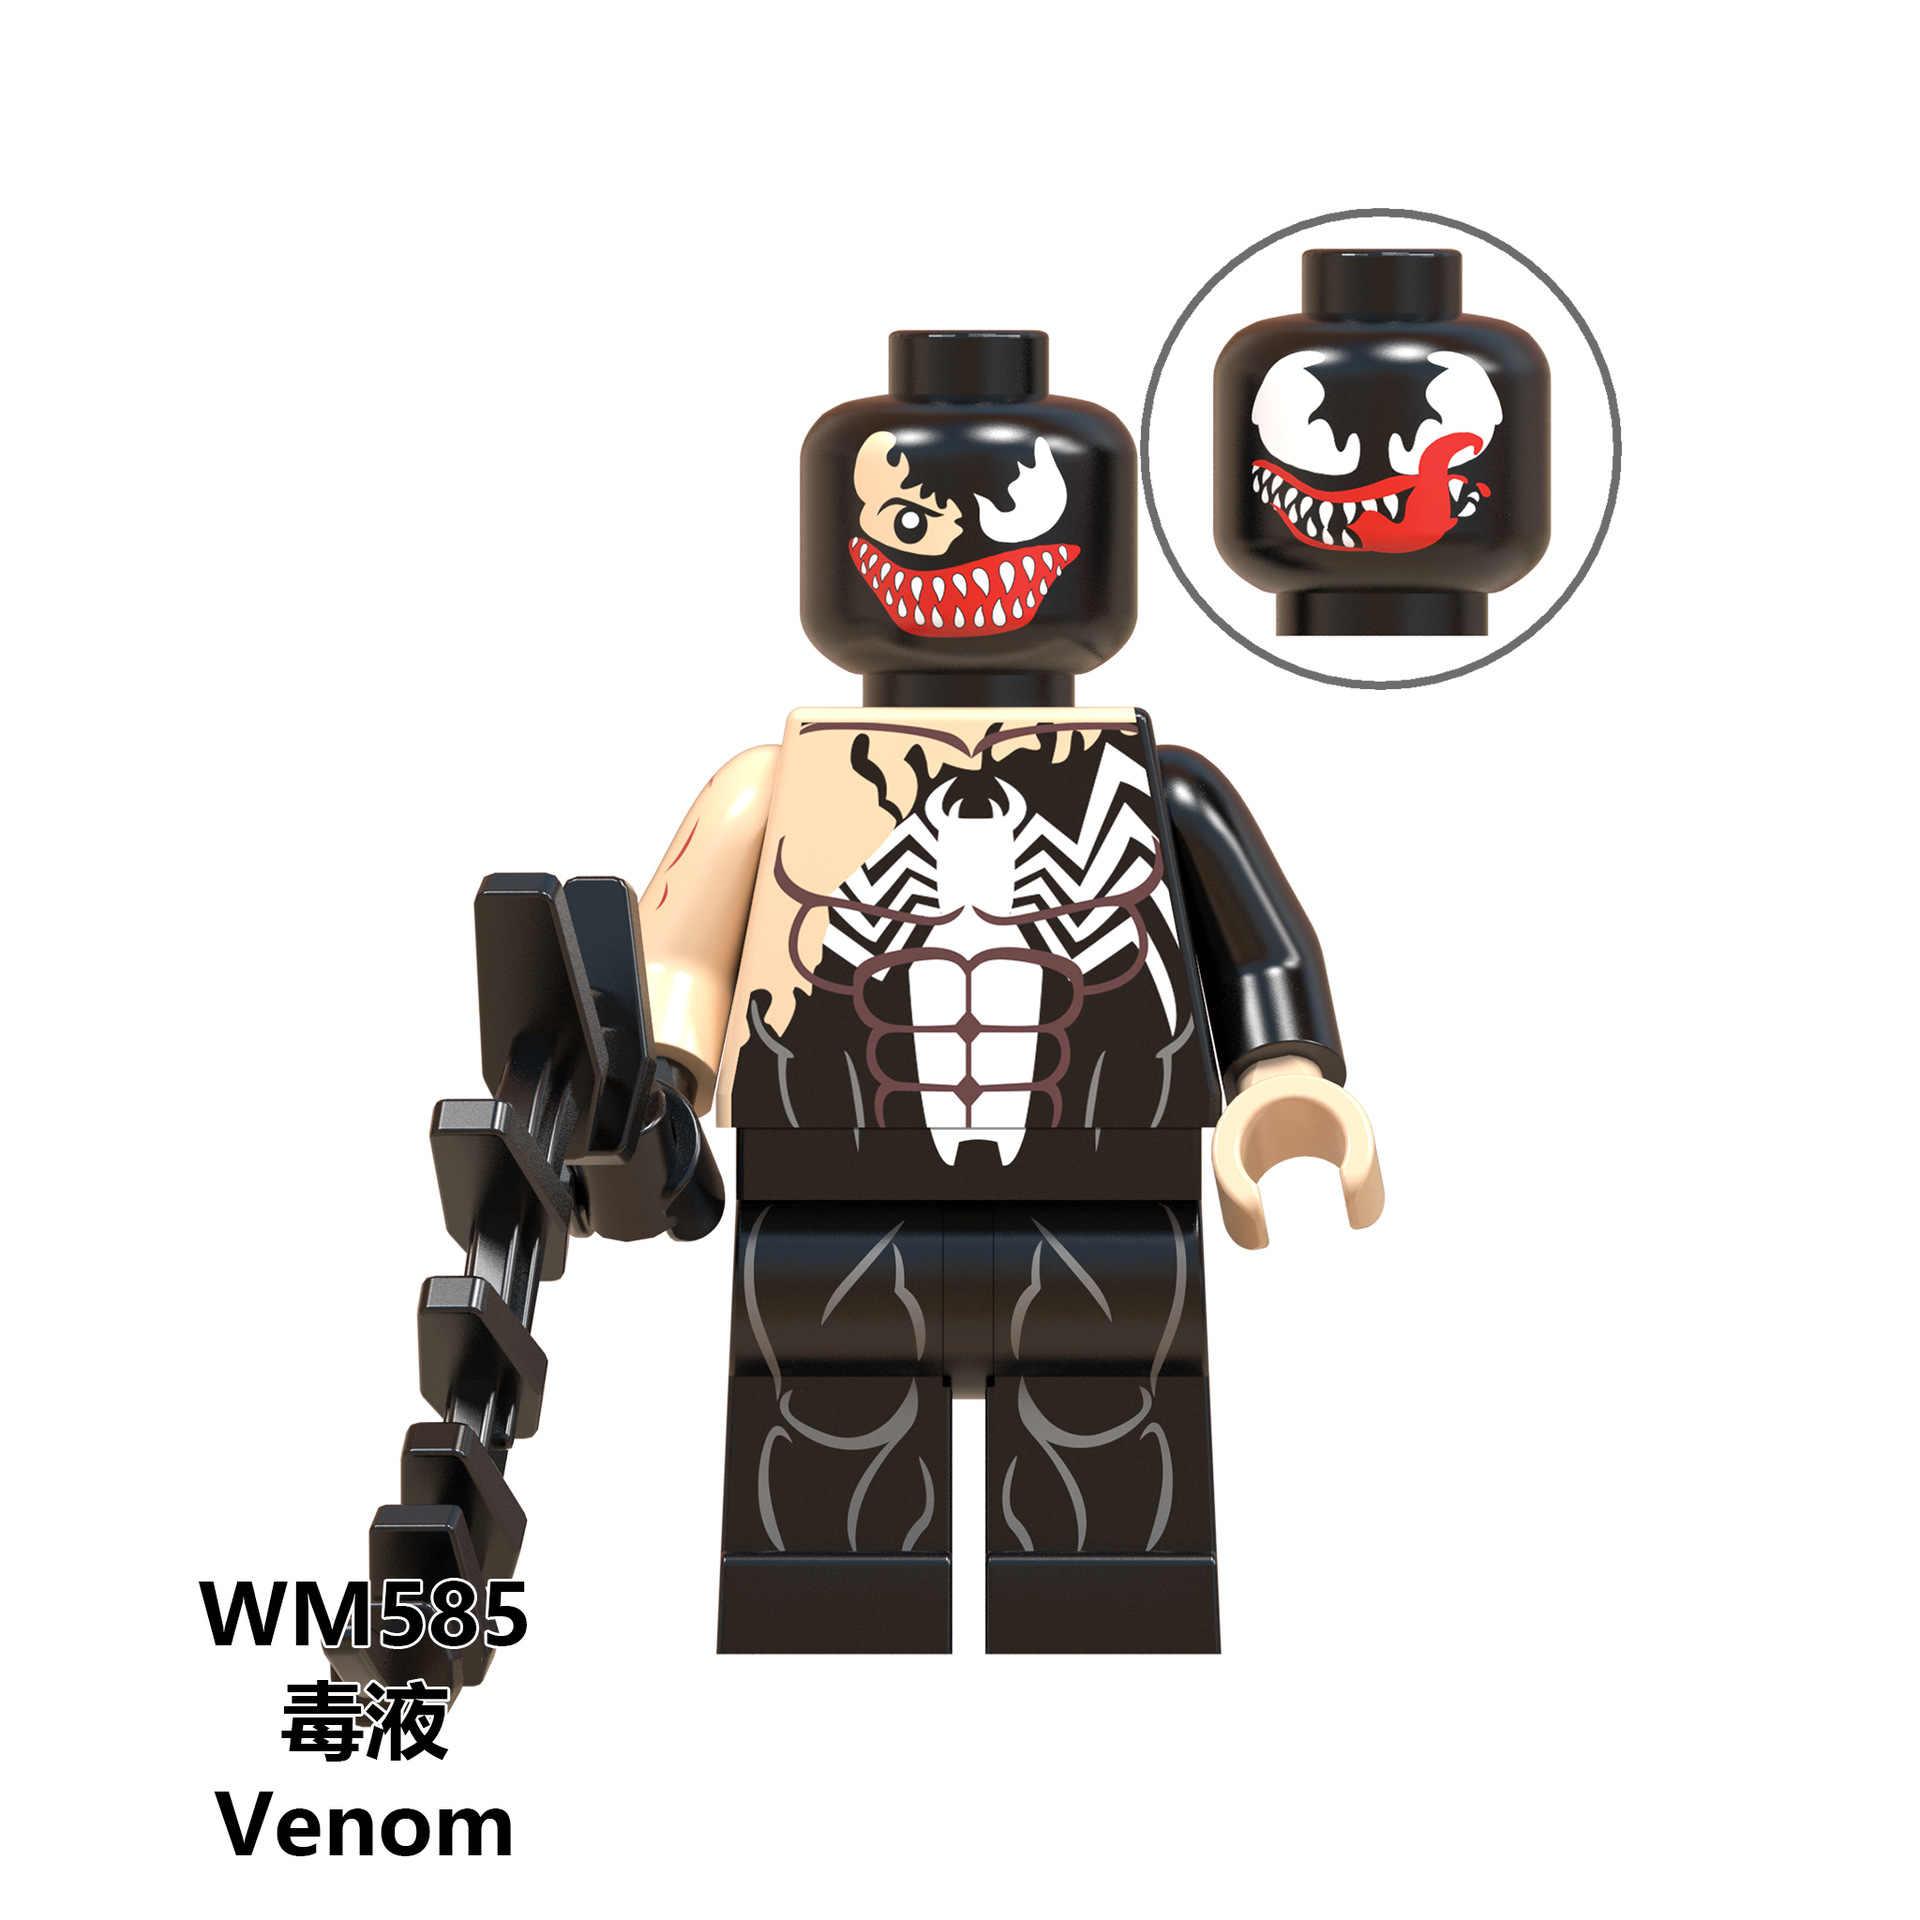 สำหรับ Legoing Marvel Super Heroes VENOM Wolverine Deadpool Iron Man กัปตันอเมริกา Spider-Man Figures Building Block ของเล่น Legoings